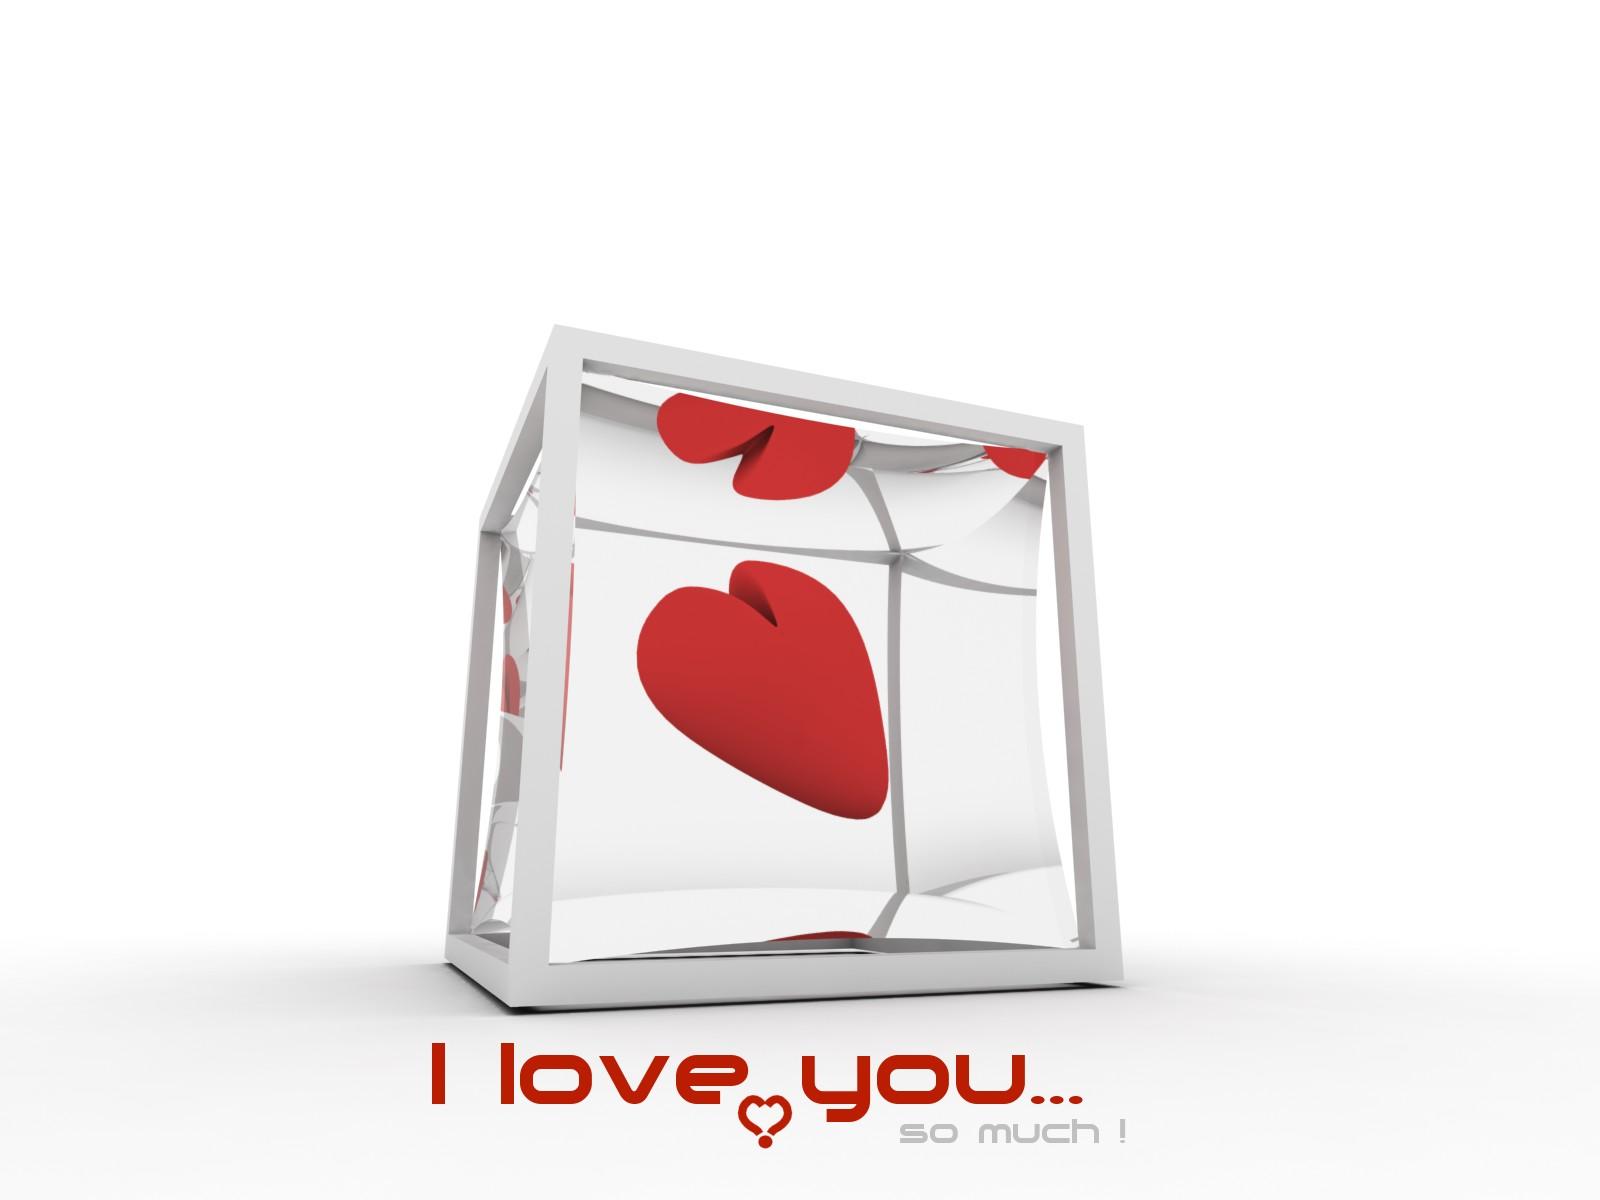 http://3.bp.blogspot.com/_6OJluRodrNA/TQNs1TWNmXI/AAAAAAAABIU/3QJTip6URAw/s1600/I_Love_you_so_much.jpg